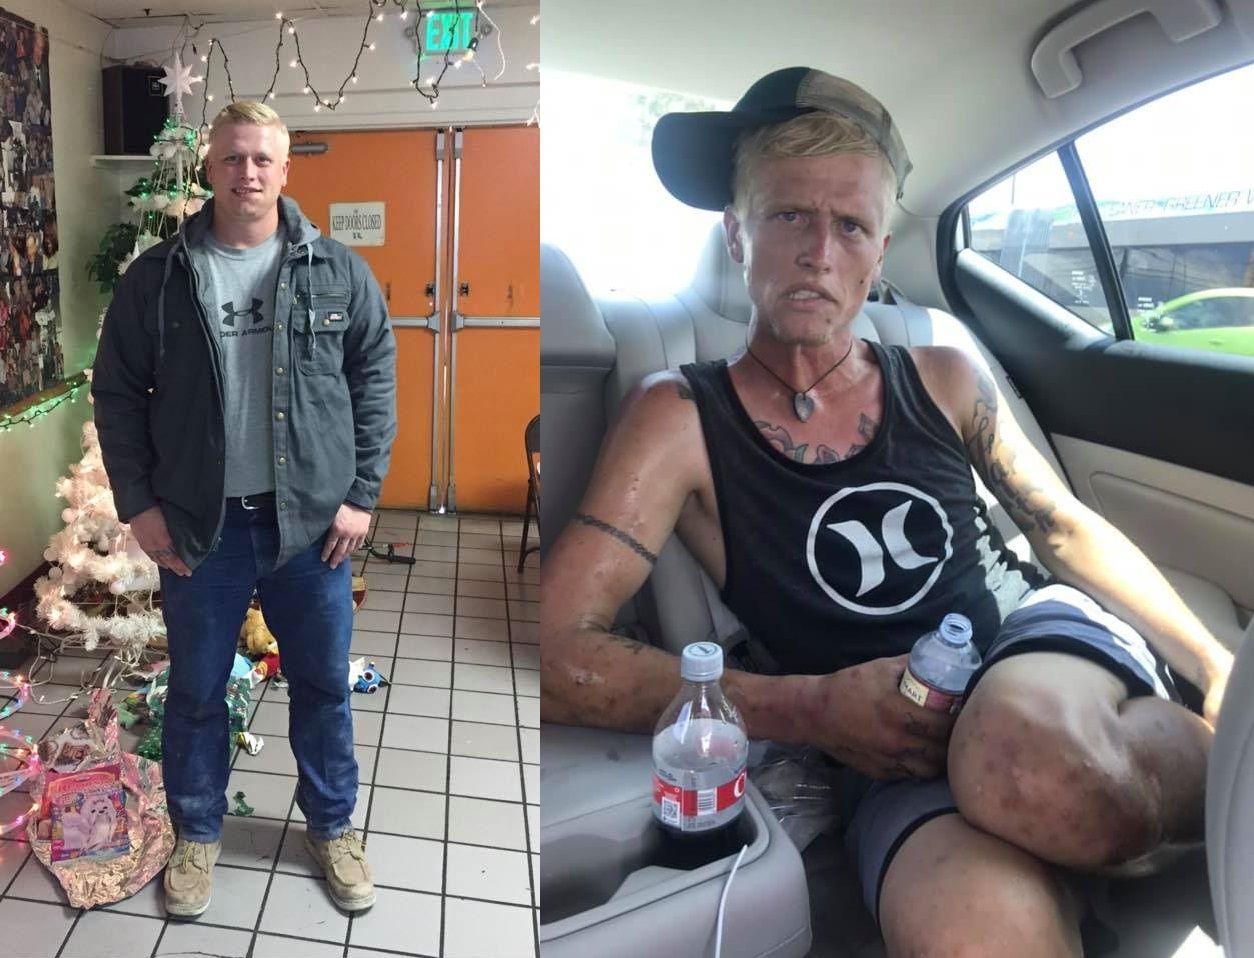 """Zúfala mama na Facebooku zdieľala fotky jej drogovo závislého syna, ktoré sama popisuje ako """"tvár heroínu a pervitínu"""""""